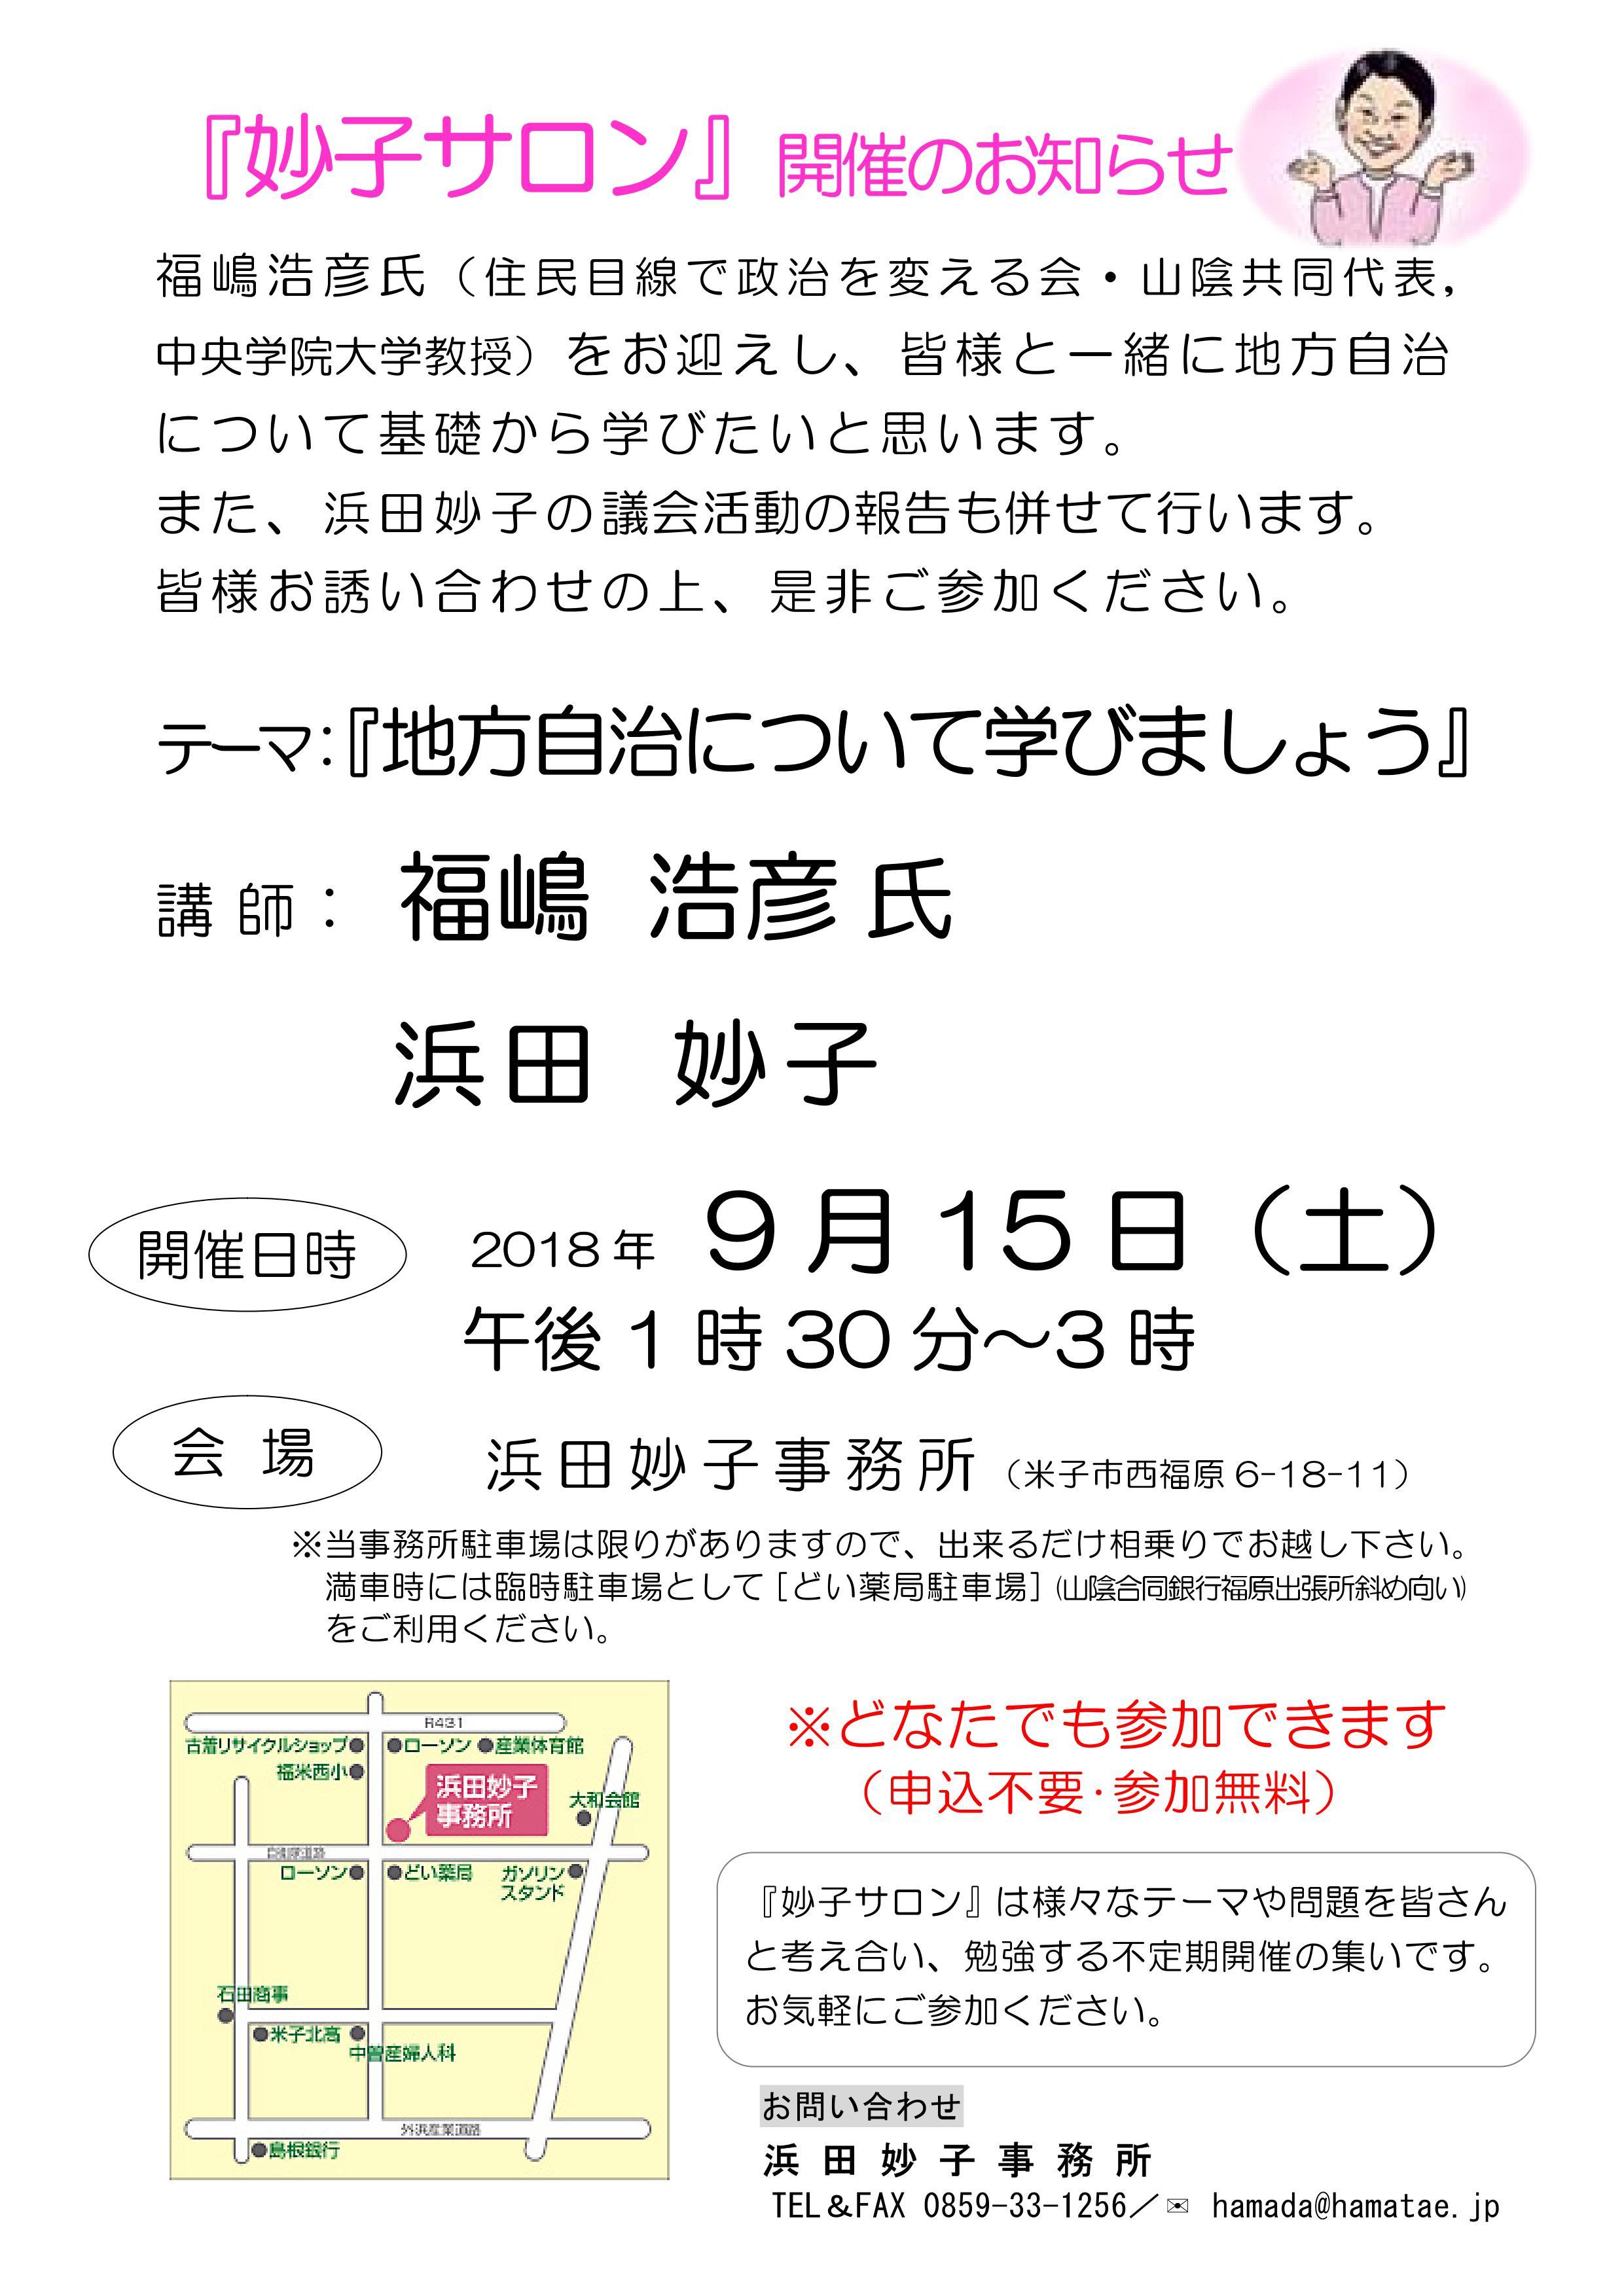 妙子サロン(2018.9.15地方自治について学びましょう)